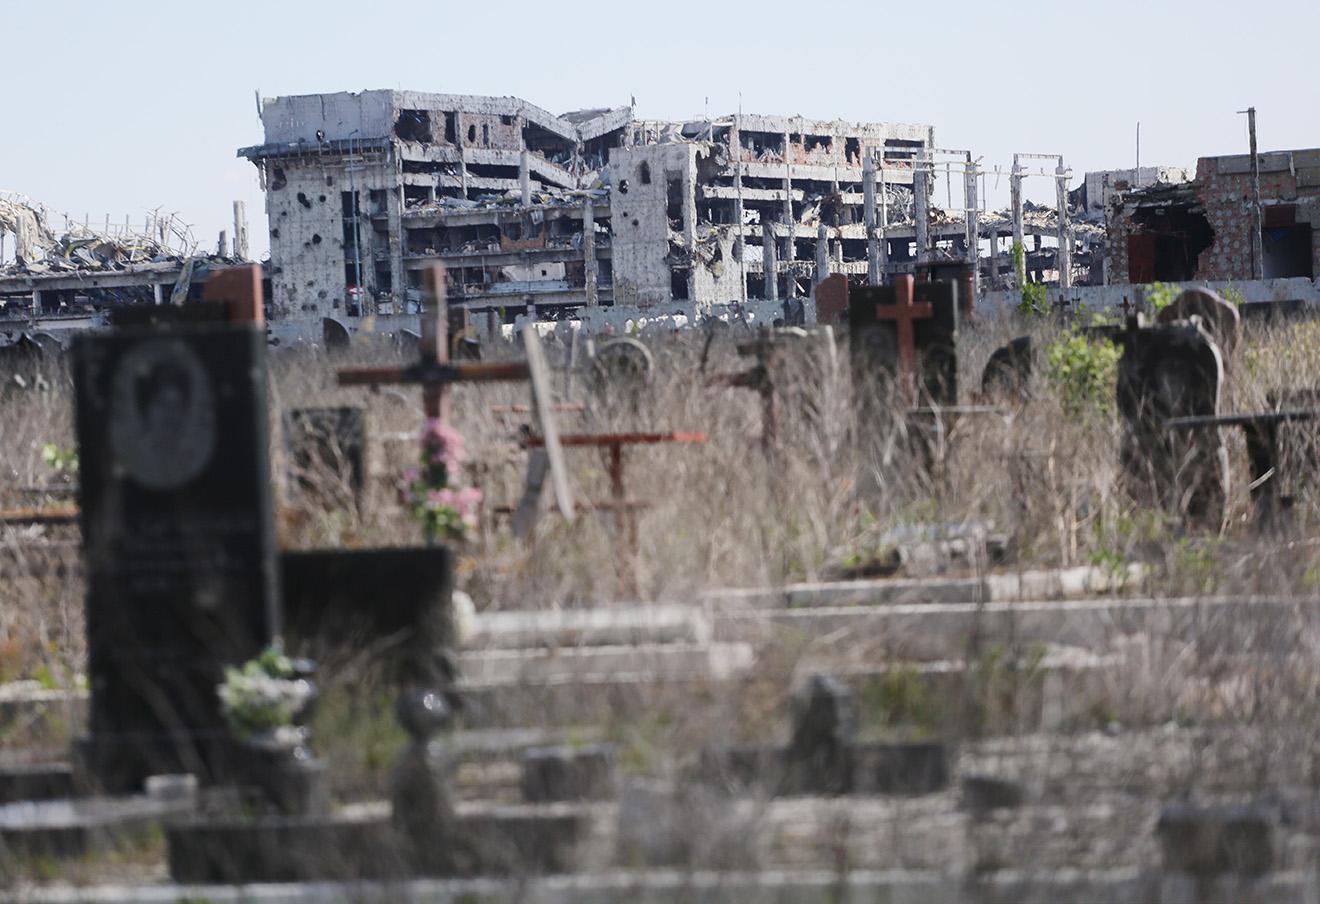 Вид на разрушенный аэропорт Донецка вблизи кладбища при Иверском монастыре.